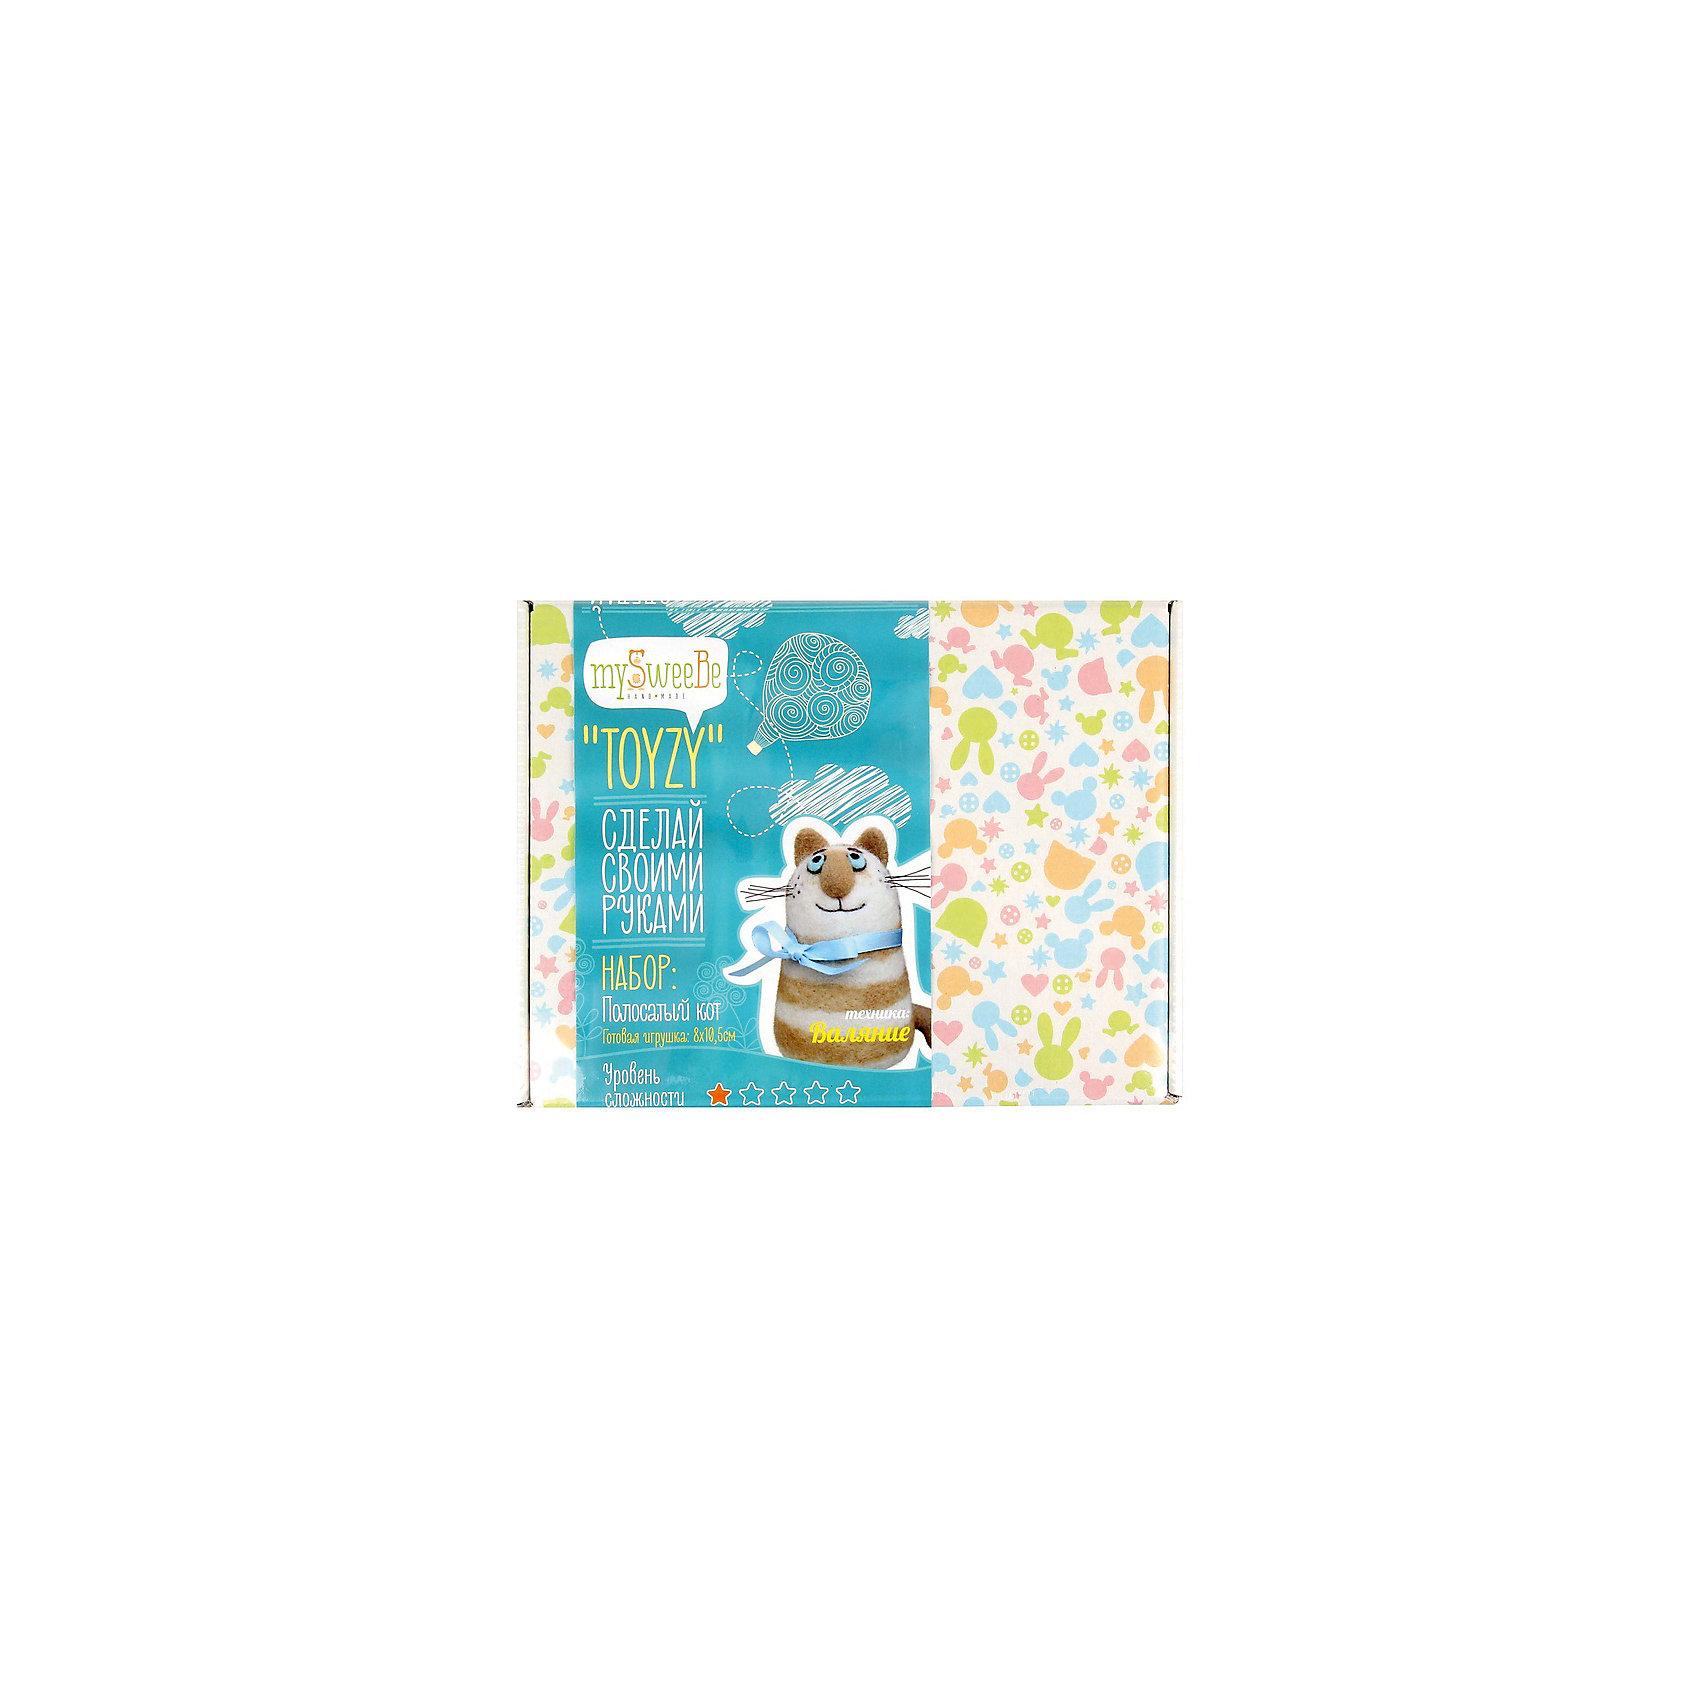 Набор для валяния Полосатый котШитьё<br>Этот замечательный набор позволит создать милую мягкую игрушку в оригинальной технике валяния. Получившийся очаровательный полосатый кот станет любимой игрушкой ребенка или же прекрасным памятным подарком, сделанным своими руками. В наборе есть все необходимое, осталось добавить немного терпения и фантазии - и уникальная игрушка готова! Все инструменты и материалы, входящие в набор, являются натуральными и высококачественными, а значит, безопасными для детей. Валяние - прекрасный вид детского досуга, который успокоит нервную систему, поможет развить внимание, усидчивость и мелкую моторику. <br><br>Дополнительная информация:<br><br>- Материал: шерсть, пластик.<br>- Размер: 25х19х6 см.<br>- Размер игрушки: 10,6х8 см. <br>- Комплектация: шерсть, инструкция, иглы, полимерная глина, губка, проволока<br><br>Набор для валяния Полосатый кот можно купить в нашем магазине.<br><br>Ширина мм: 180<br>Глубина мм: 240<br>Высота мм: 50<br>Вес г: 190<br>Возраст от месяцев: 84<br>Возраст до месяцев: 192<br>Пол: Унисекс<br>Возраст: Детский<br>SKU: 4603780